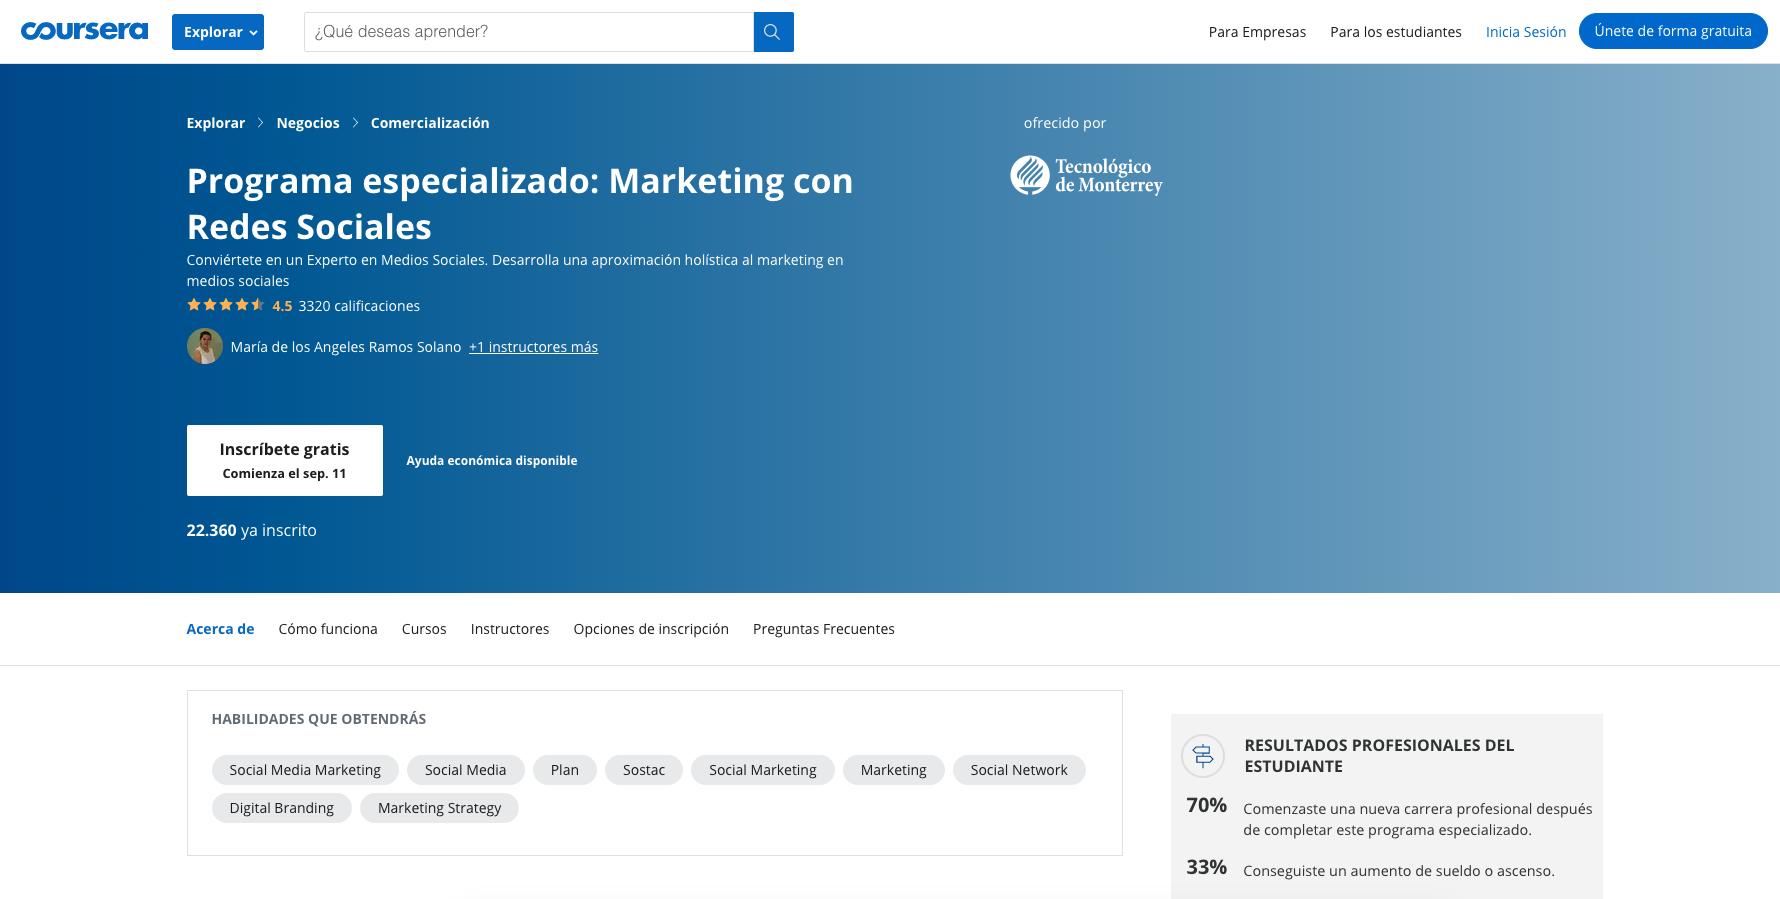 Curso de marketing con redes sociales en Coursera